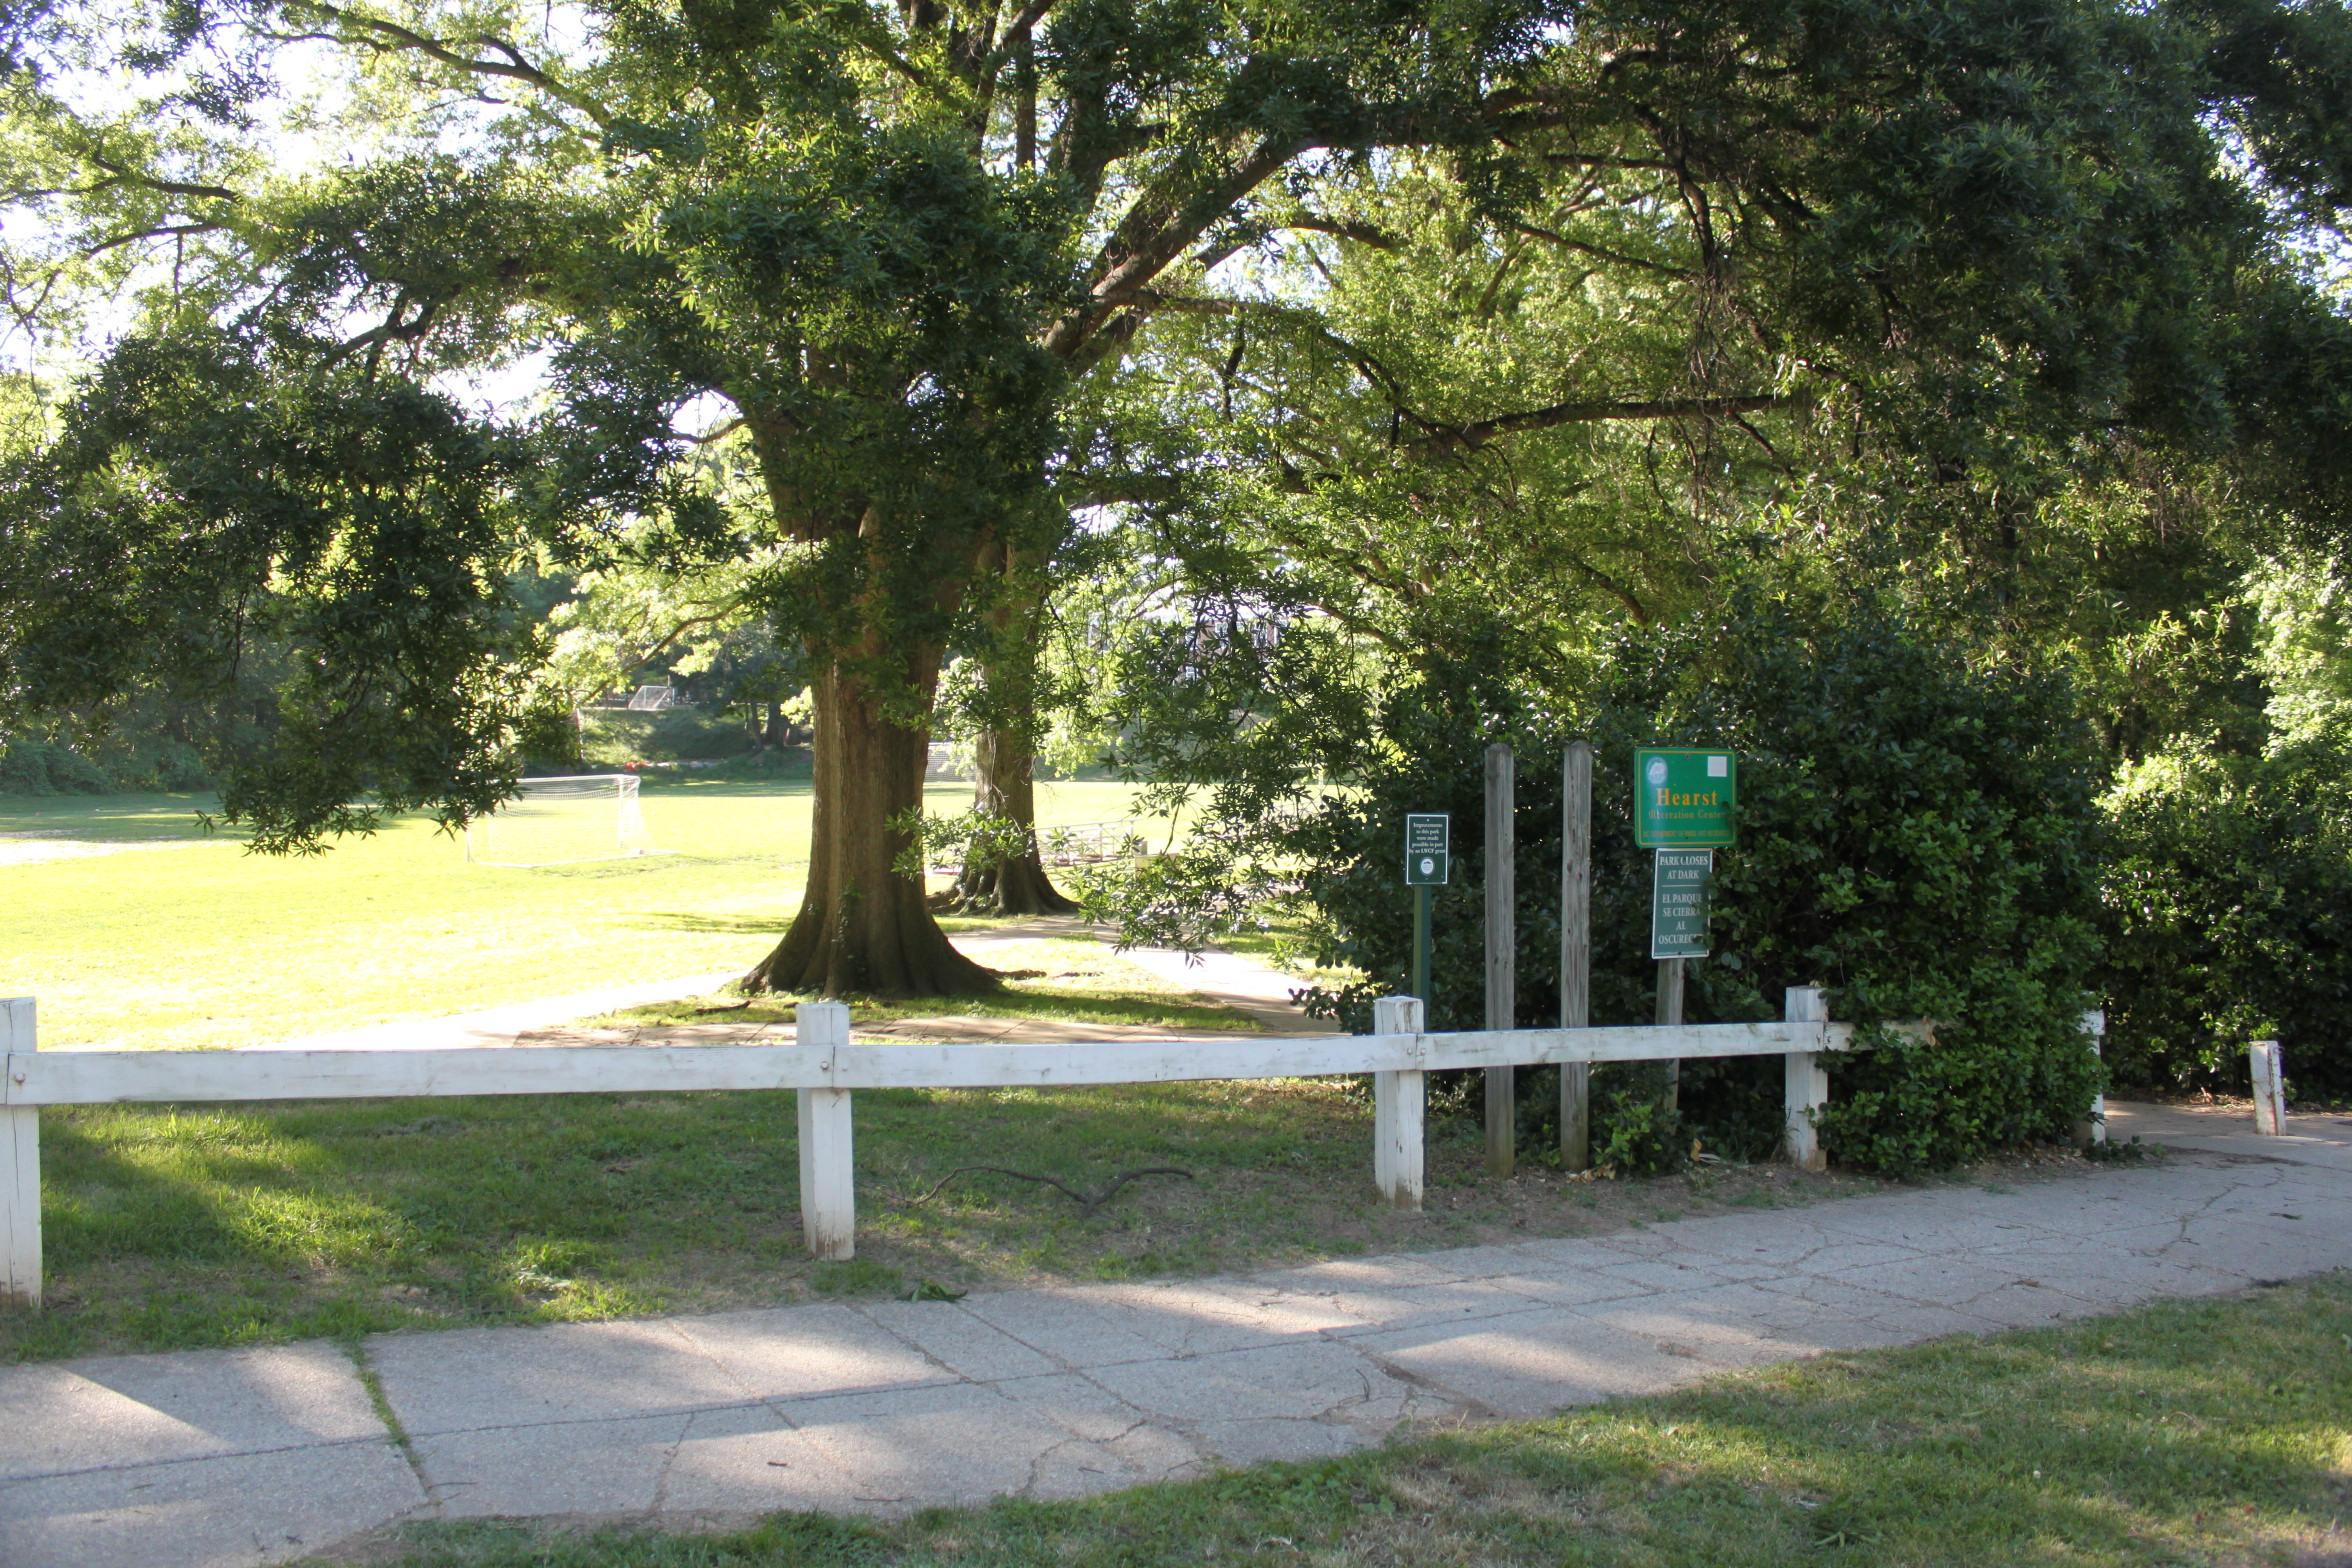 Idaho Avenue Entrance To The Park